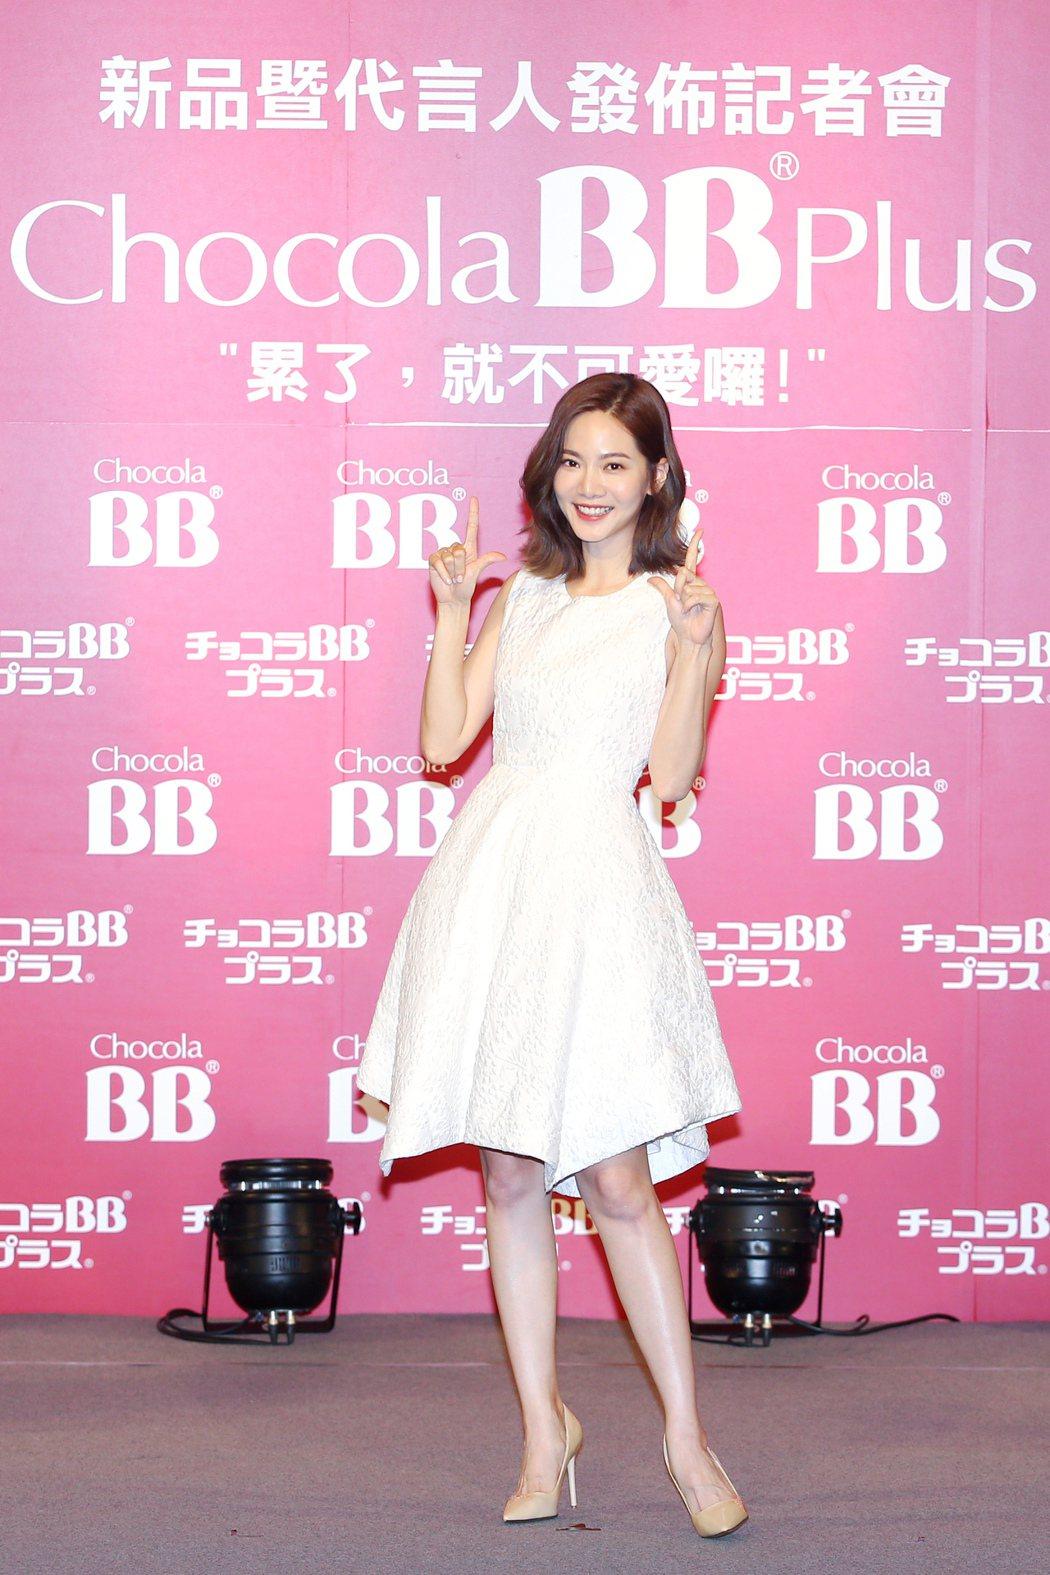 藝人曾之喬擔任日本品牌Chocola BB代言人,宣傳Chocola BB Pl...